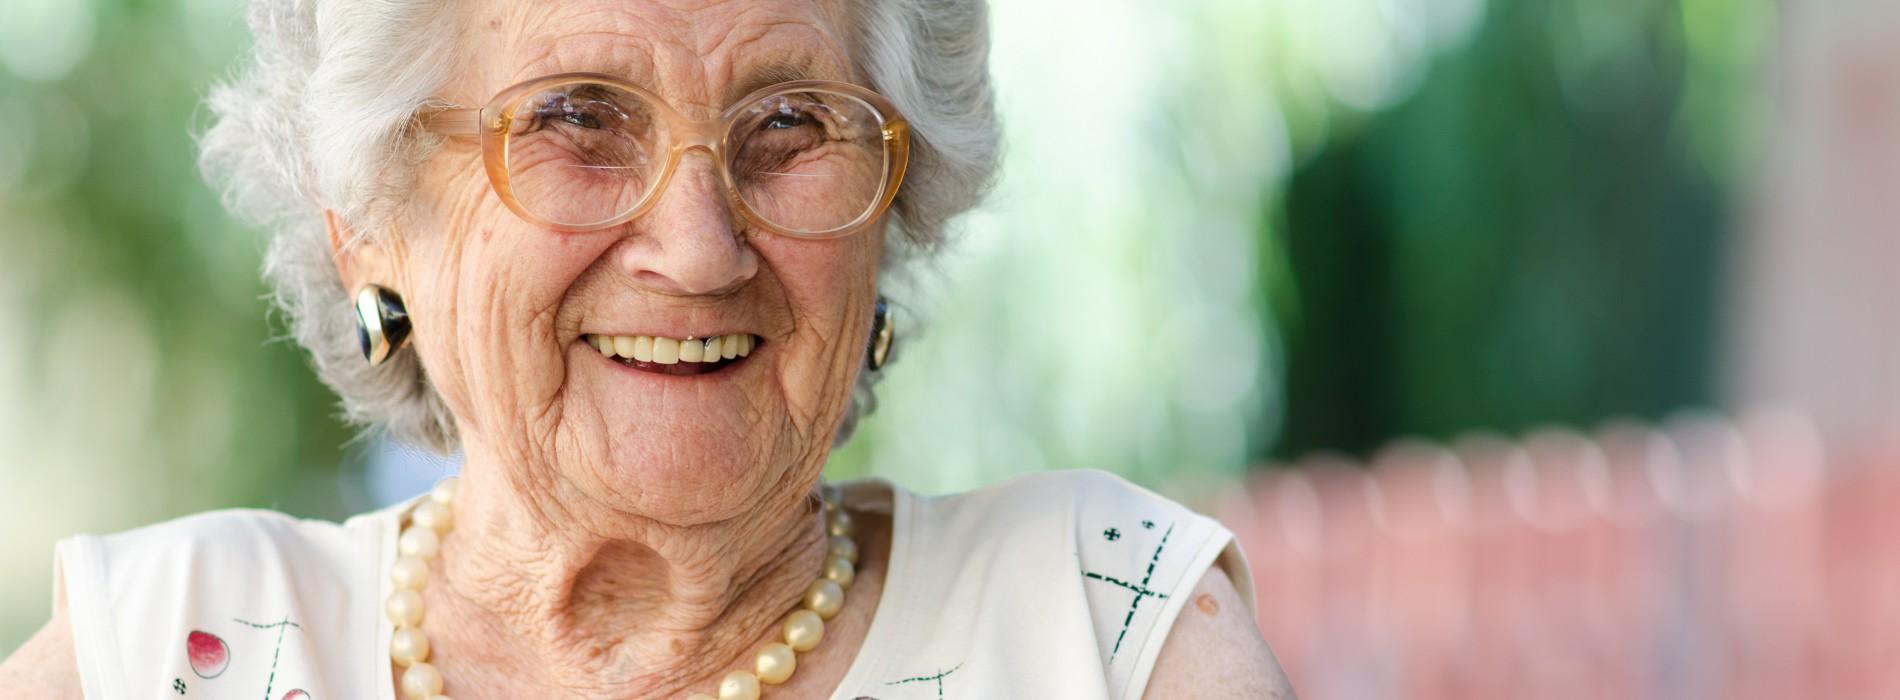 Jakie kwalifikacje powinien mieć personel domu opieki?